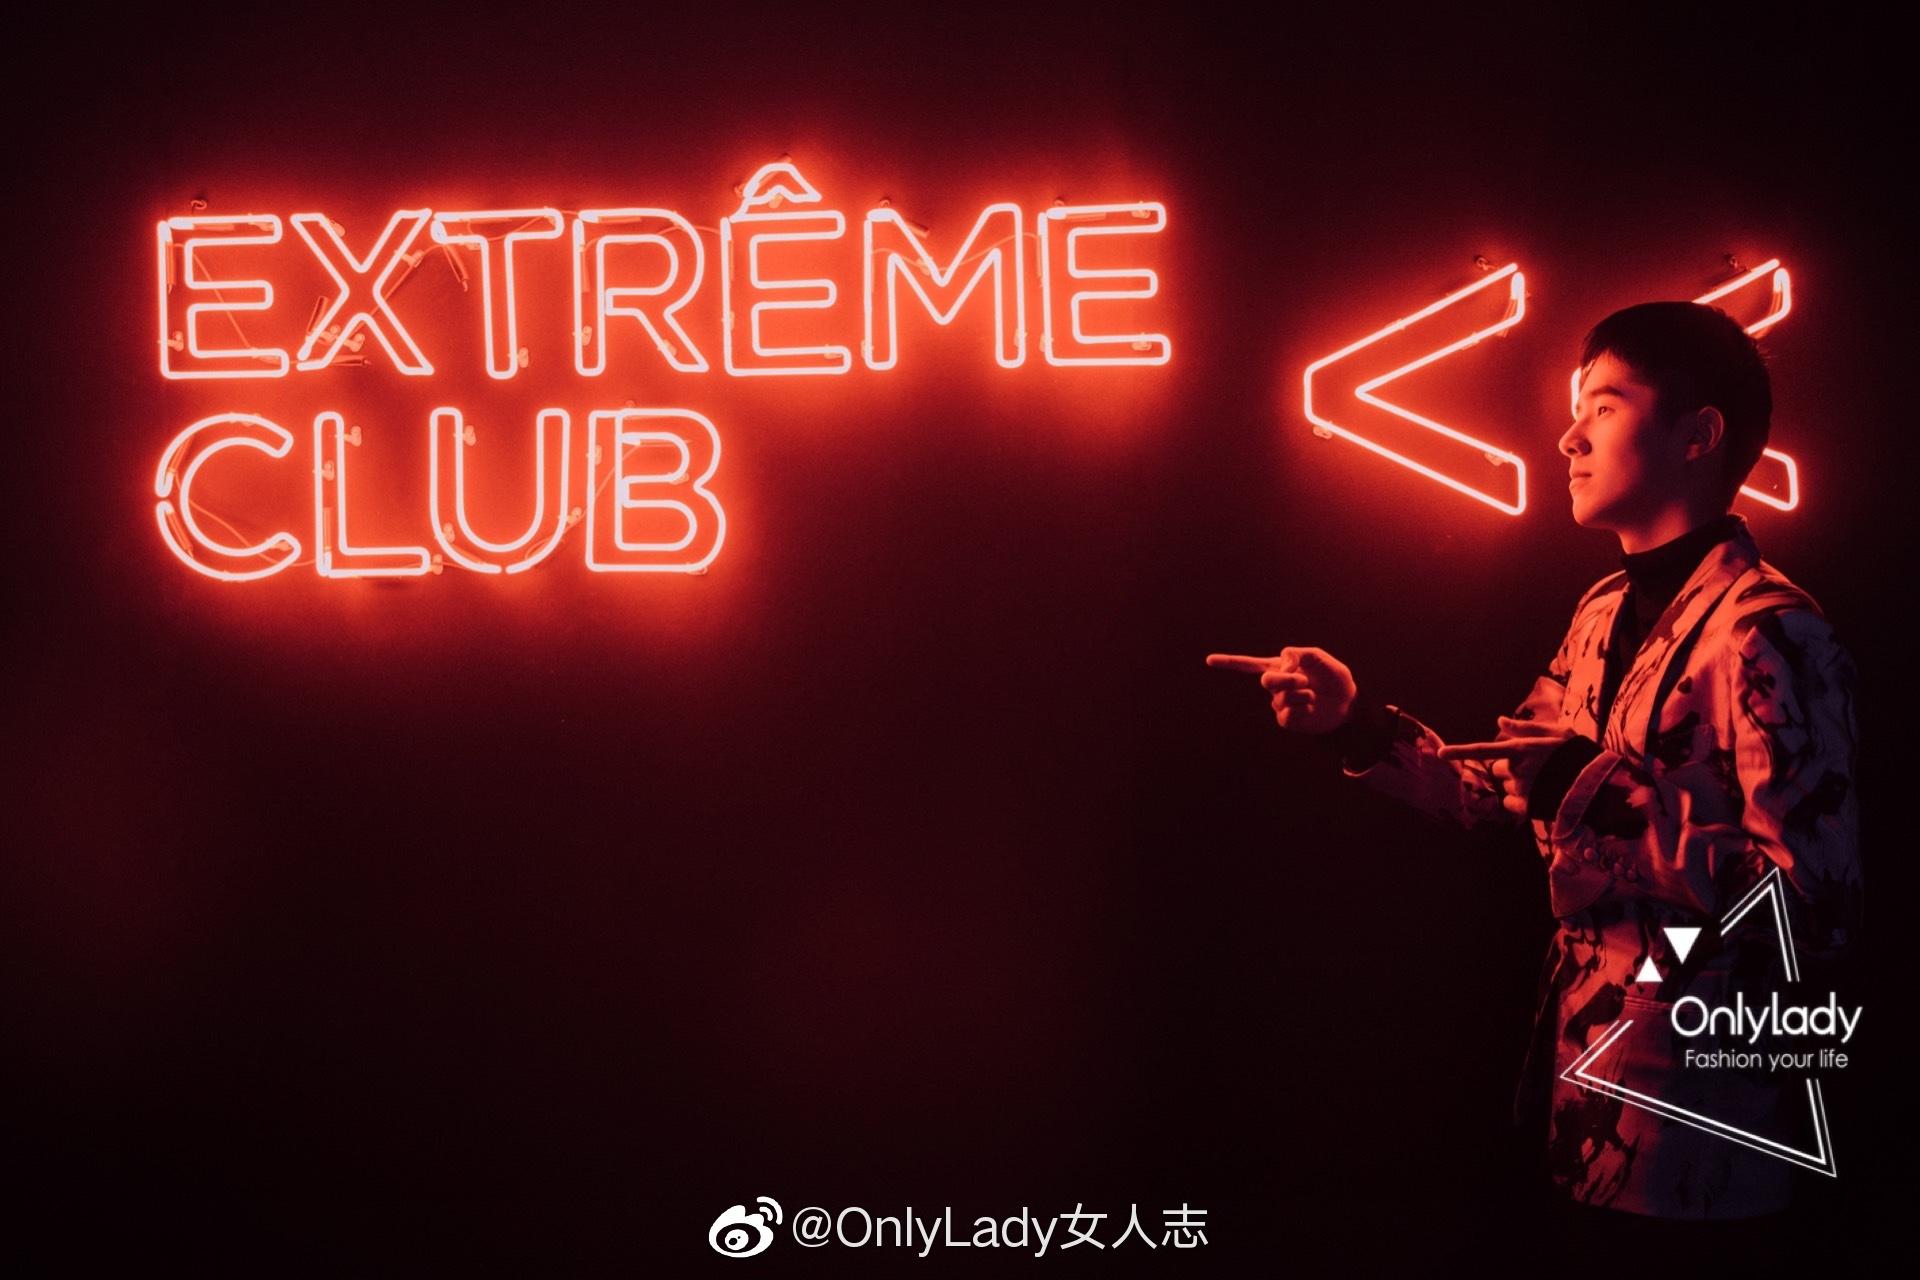 演员@刘昊然turbo 今日身着水墨印花开领西装出席品牌活动